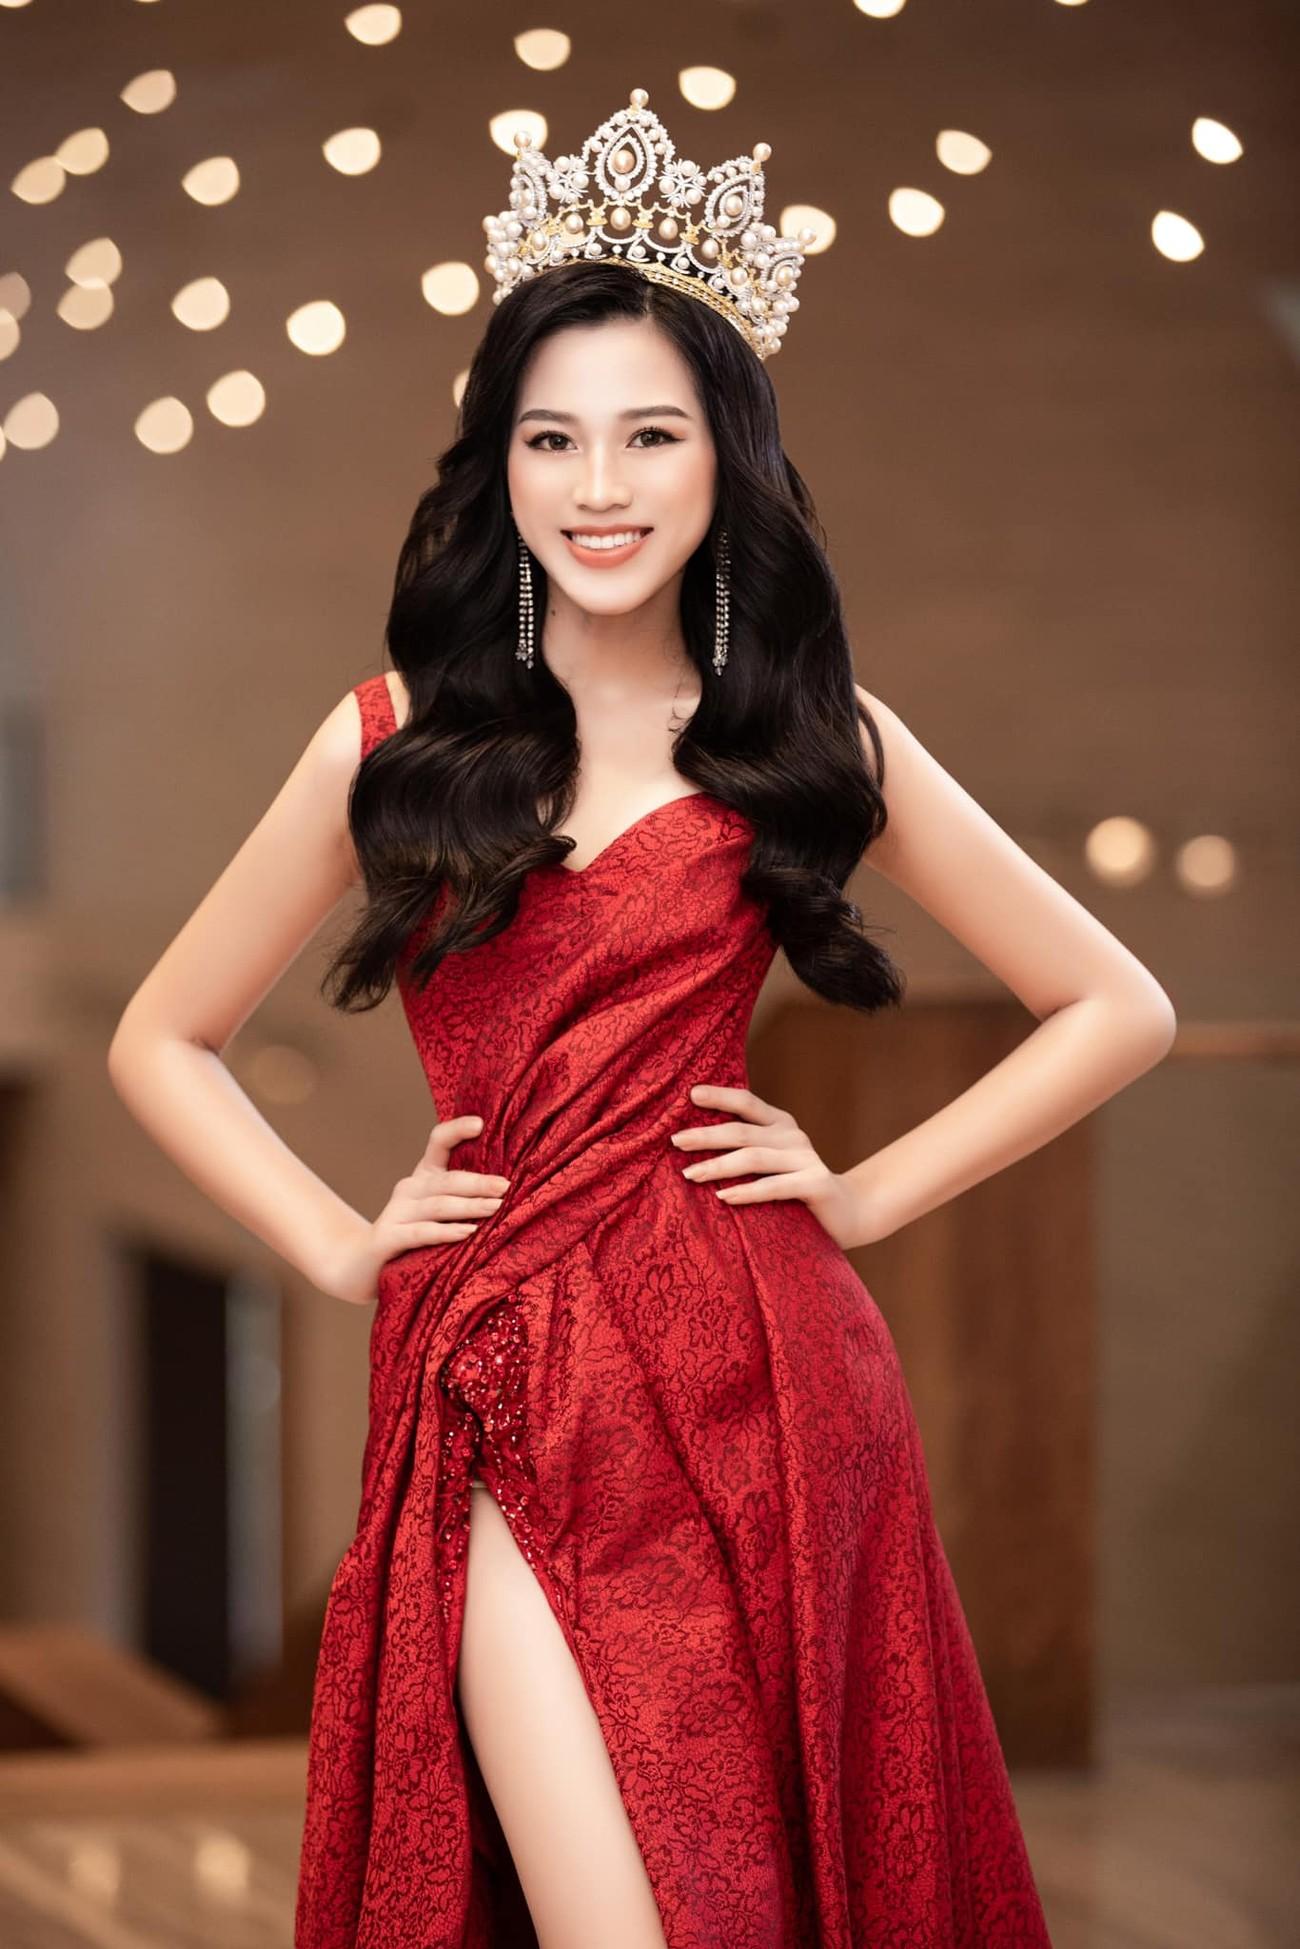 Hoa hậu Đỗ Thị Hà thần thái gợi cảm, quyền lực trong bộ đầm đỏ xẻ cao ảnh 1